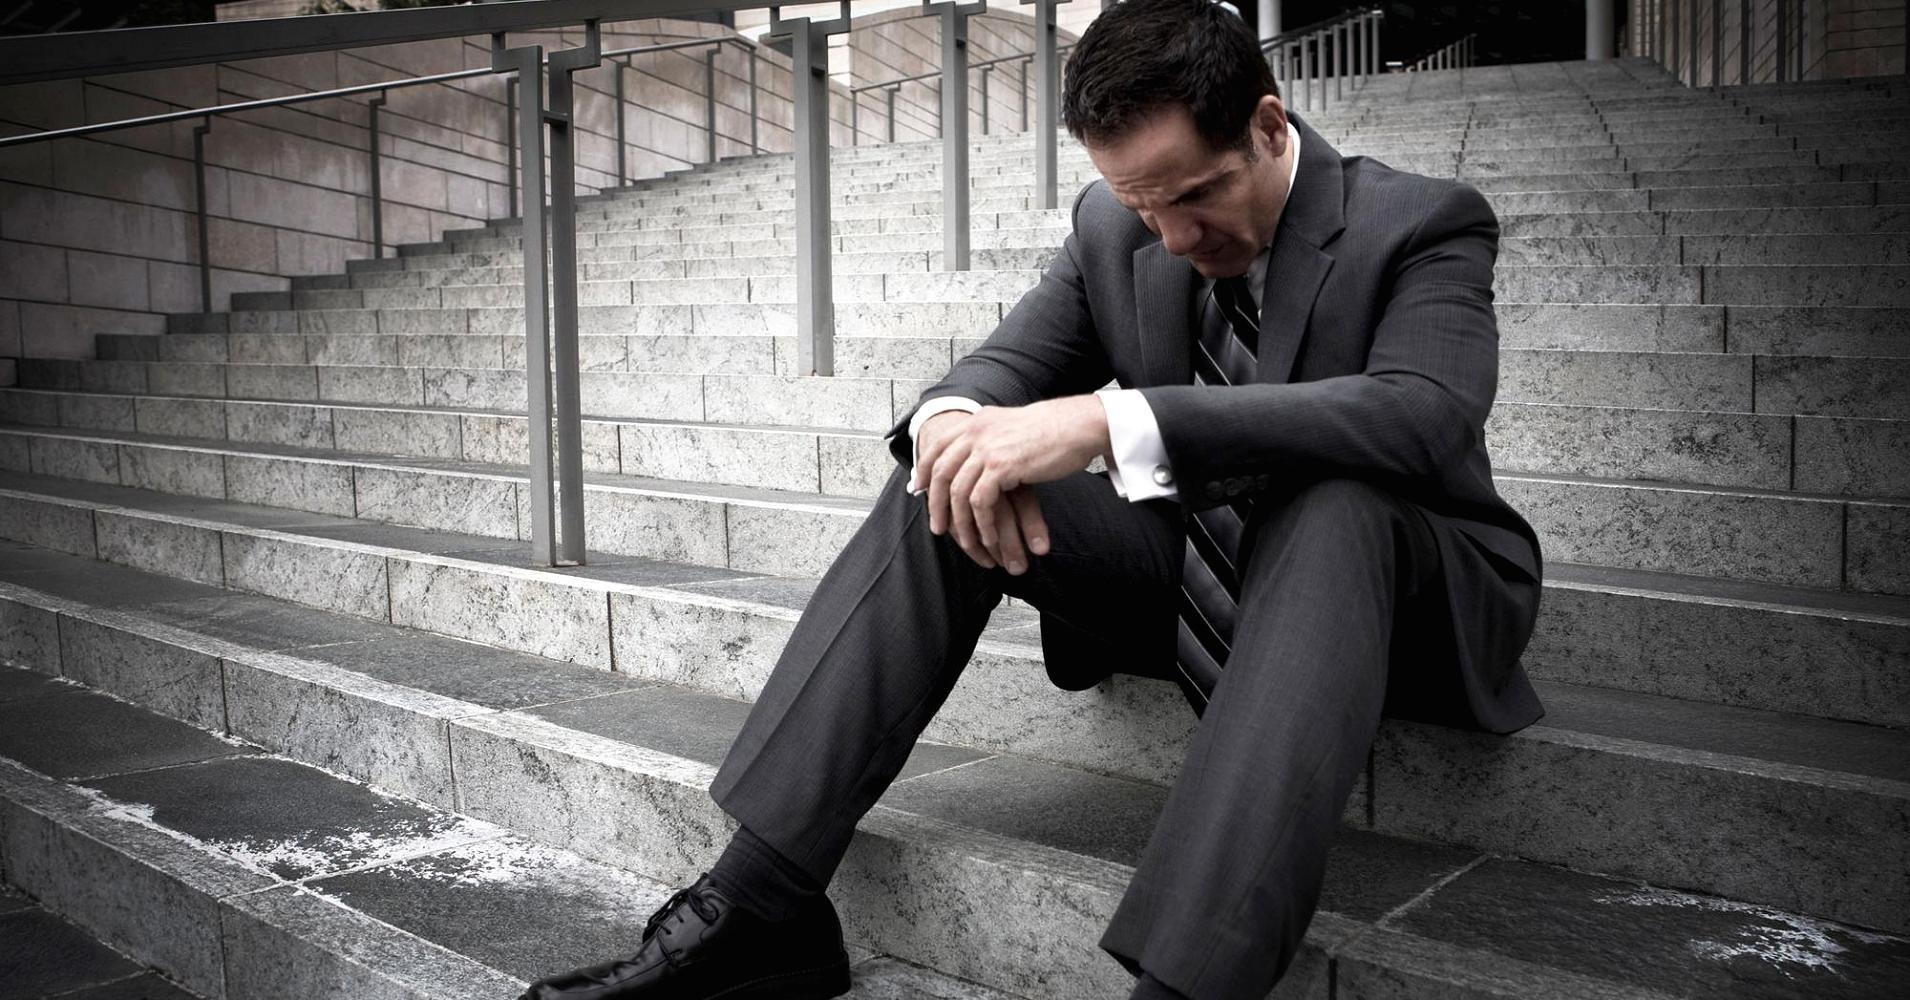 мужчины тоже боятся одиночества